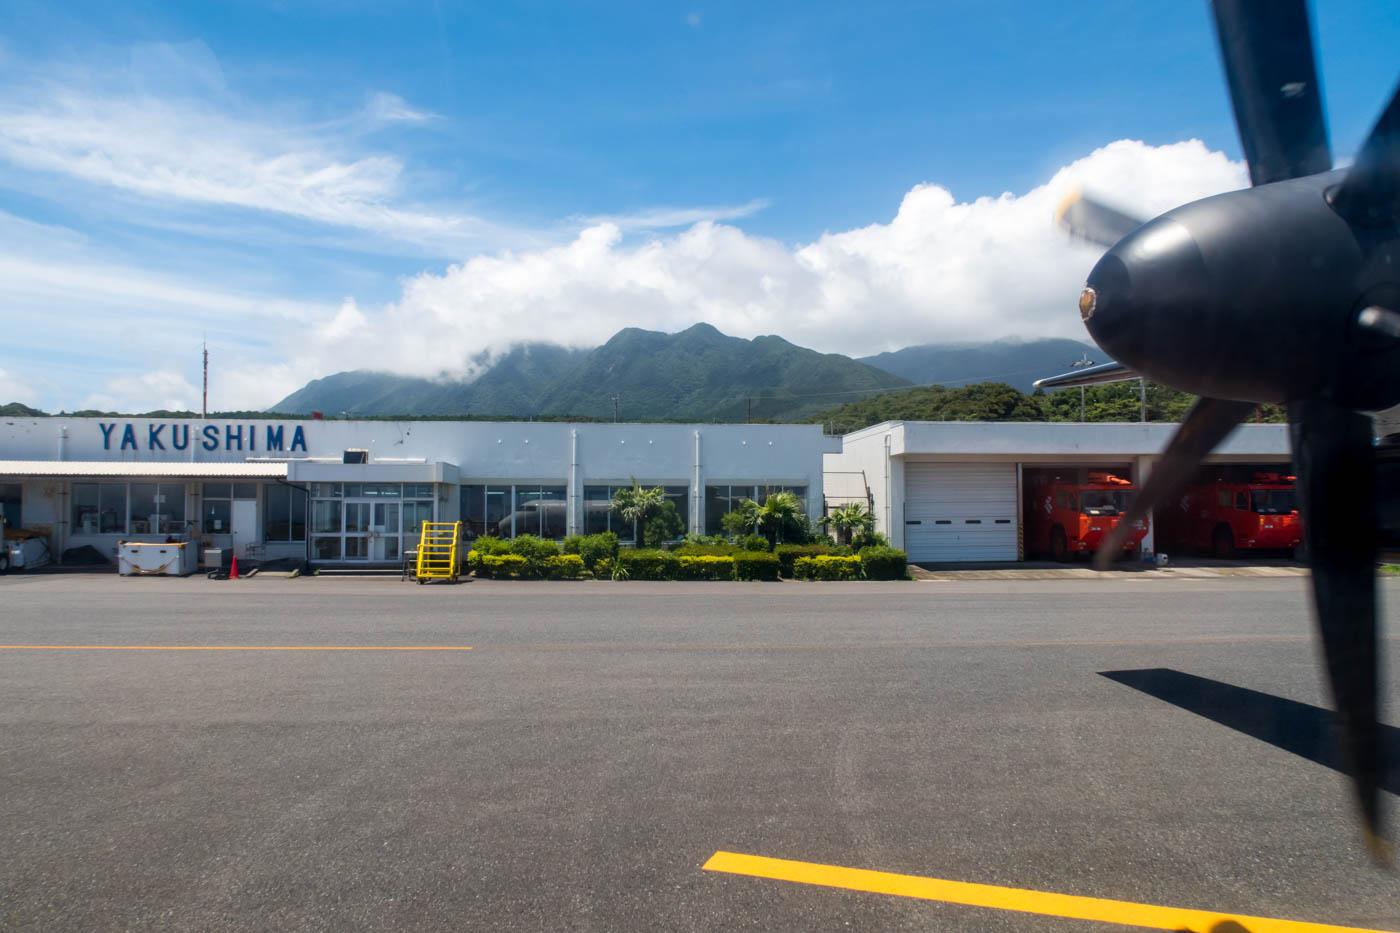 Yakushima Airport Terminal